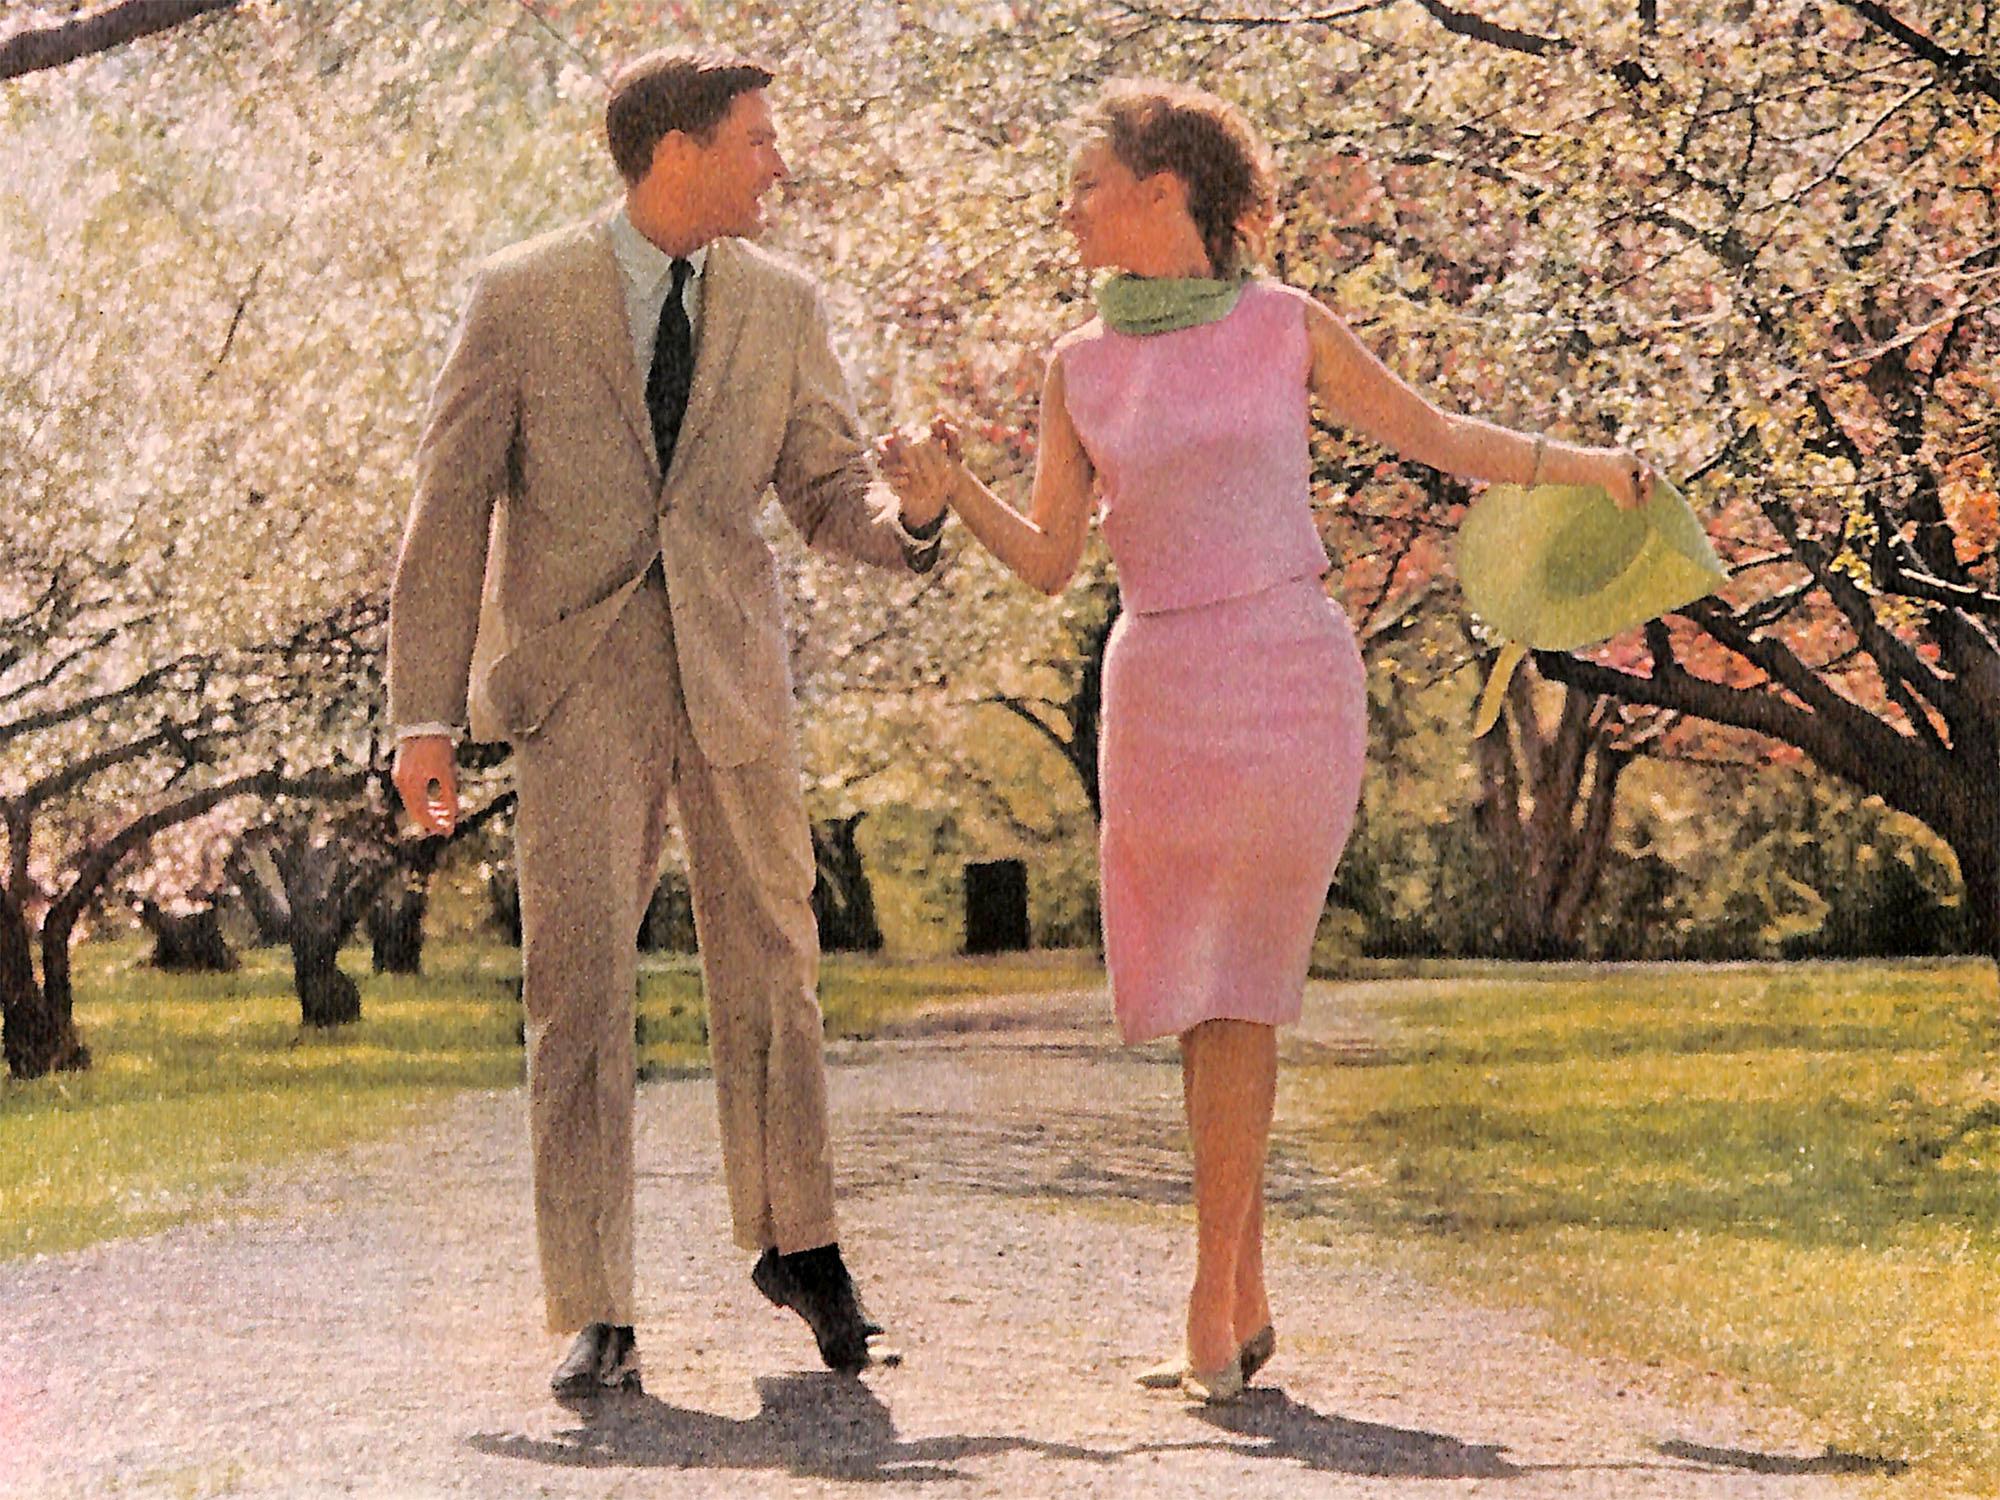 1963 Avon ad